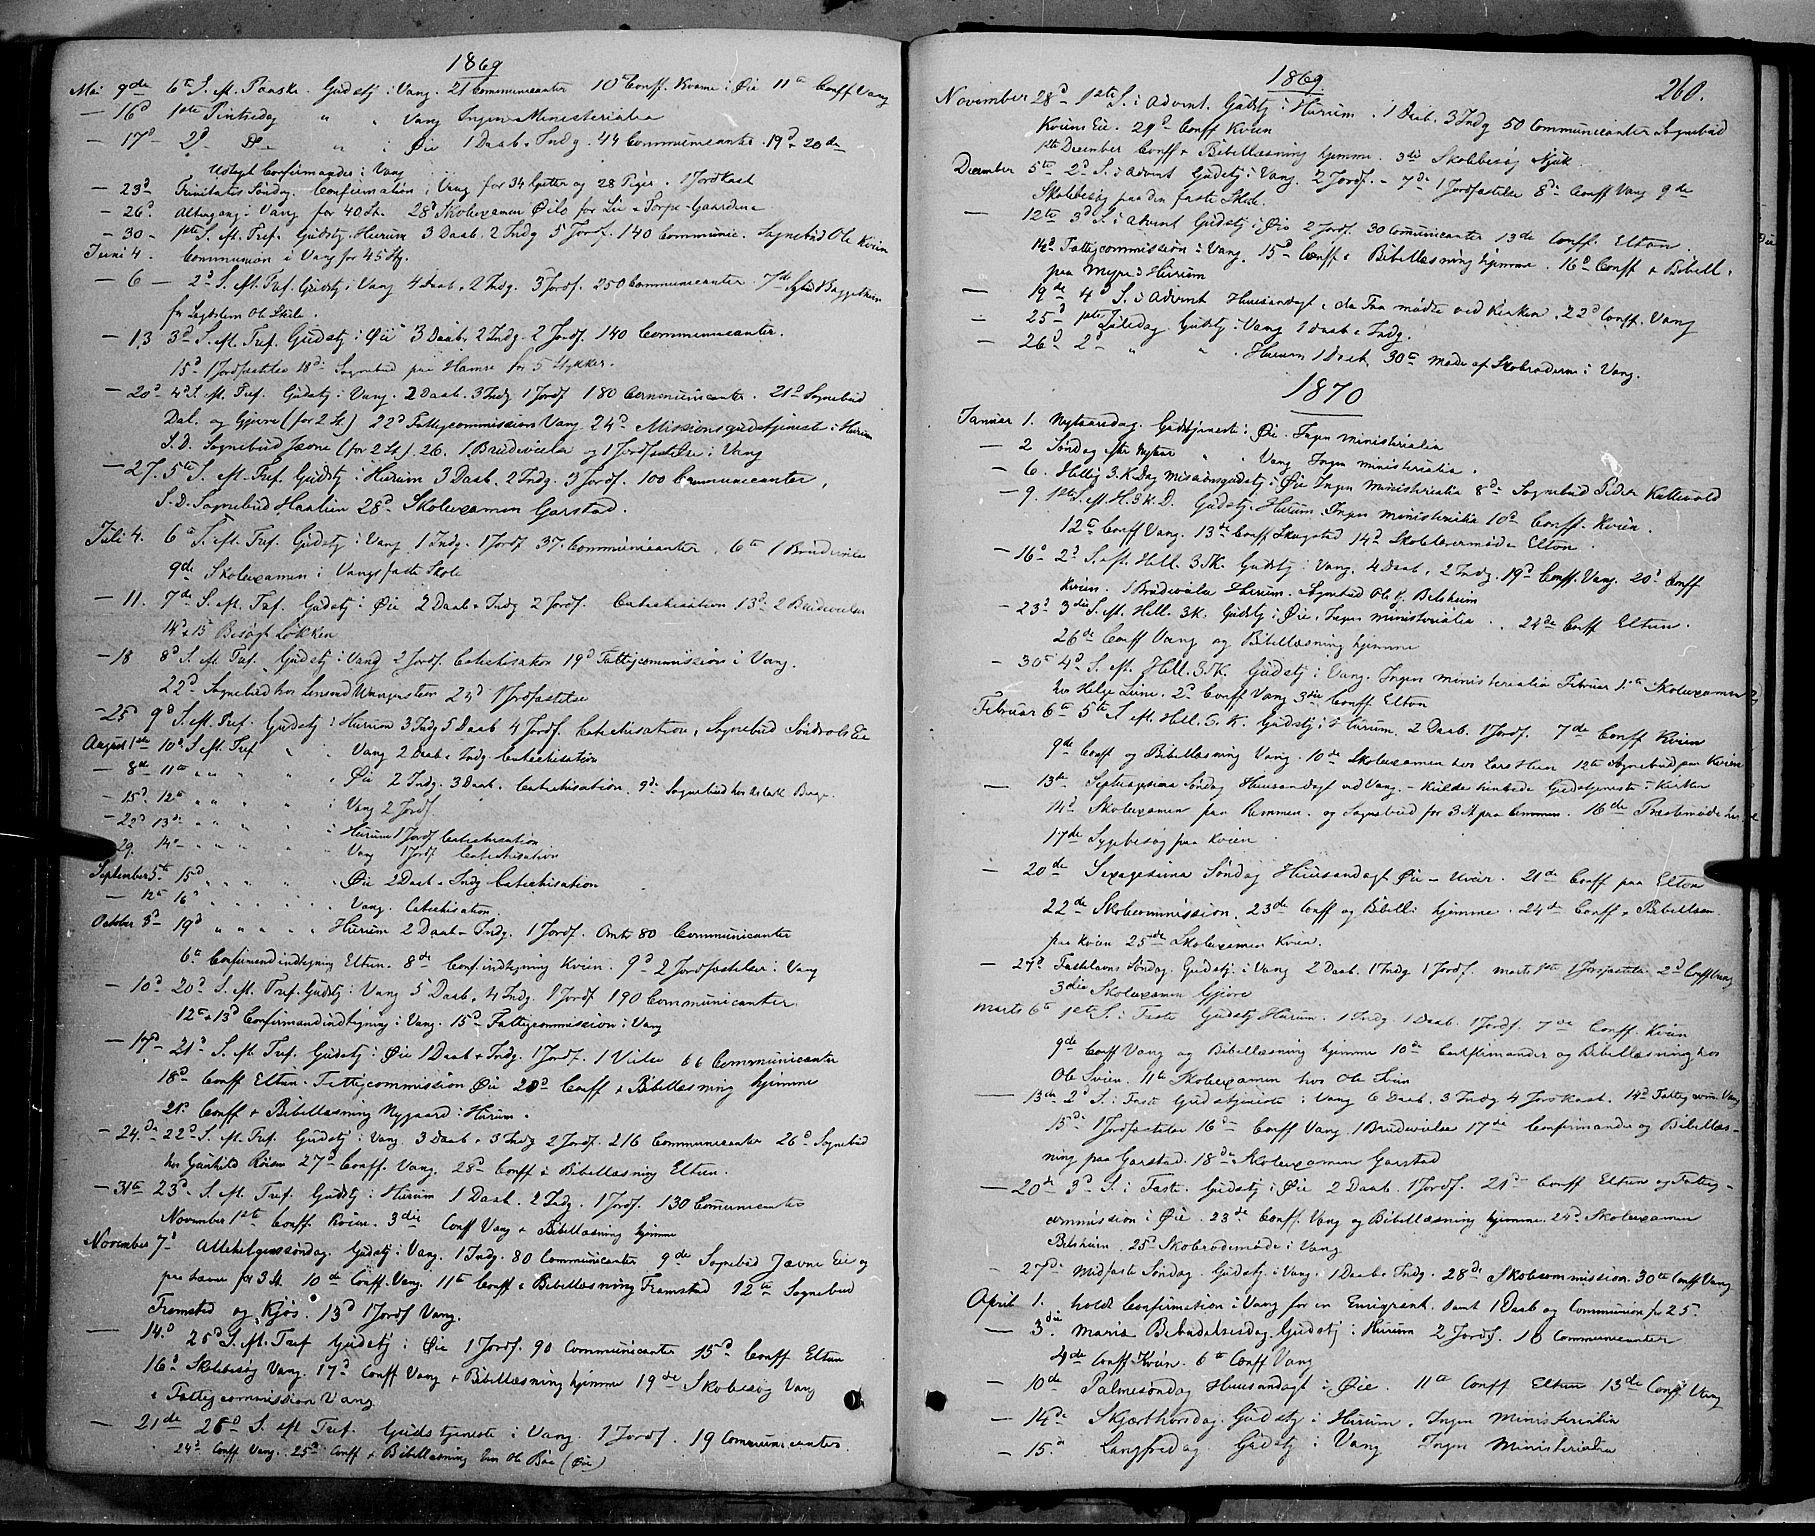 SAH, Vang prestekontor, Valdres, Ministerialbok nr. 7, 1865-1881, s. 260